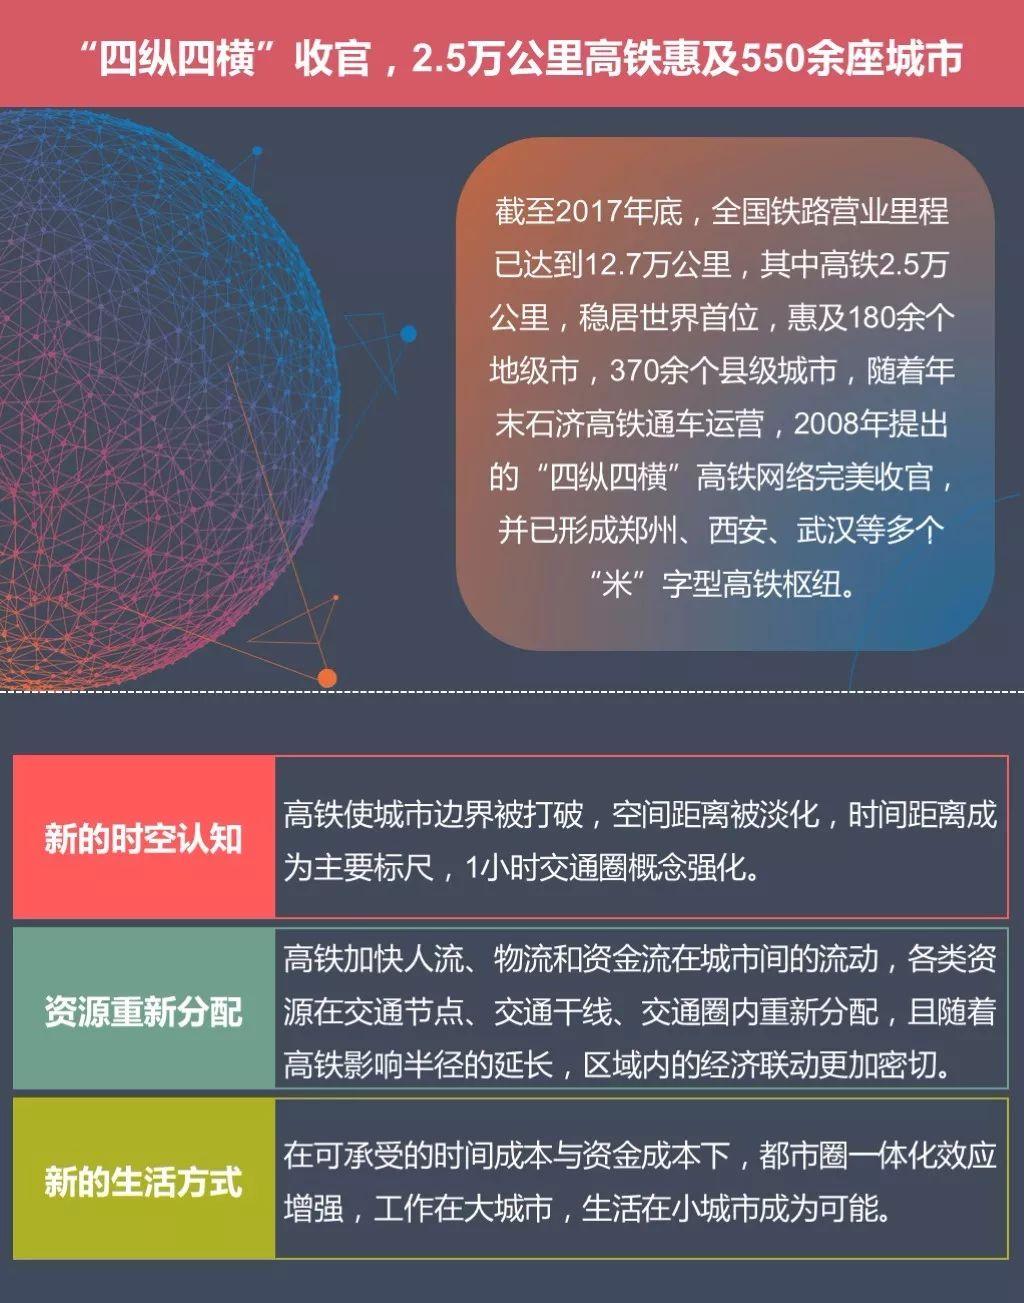 高铁之下中国格局巨变 哪些城市将崛起?